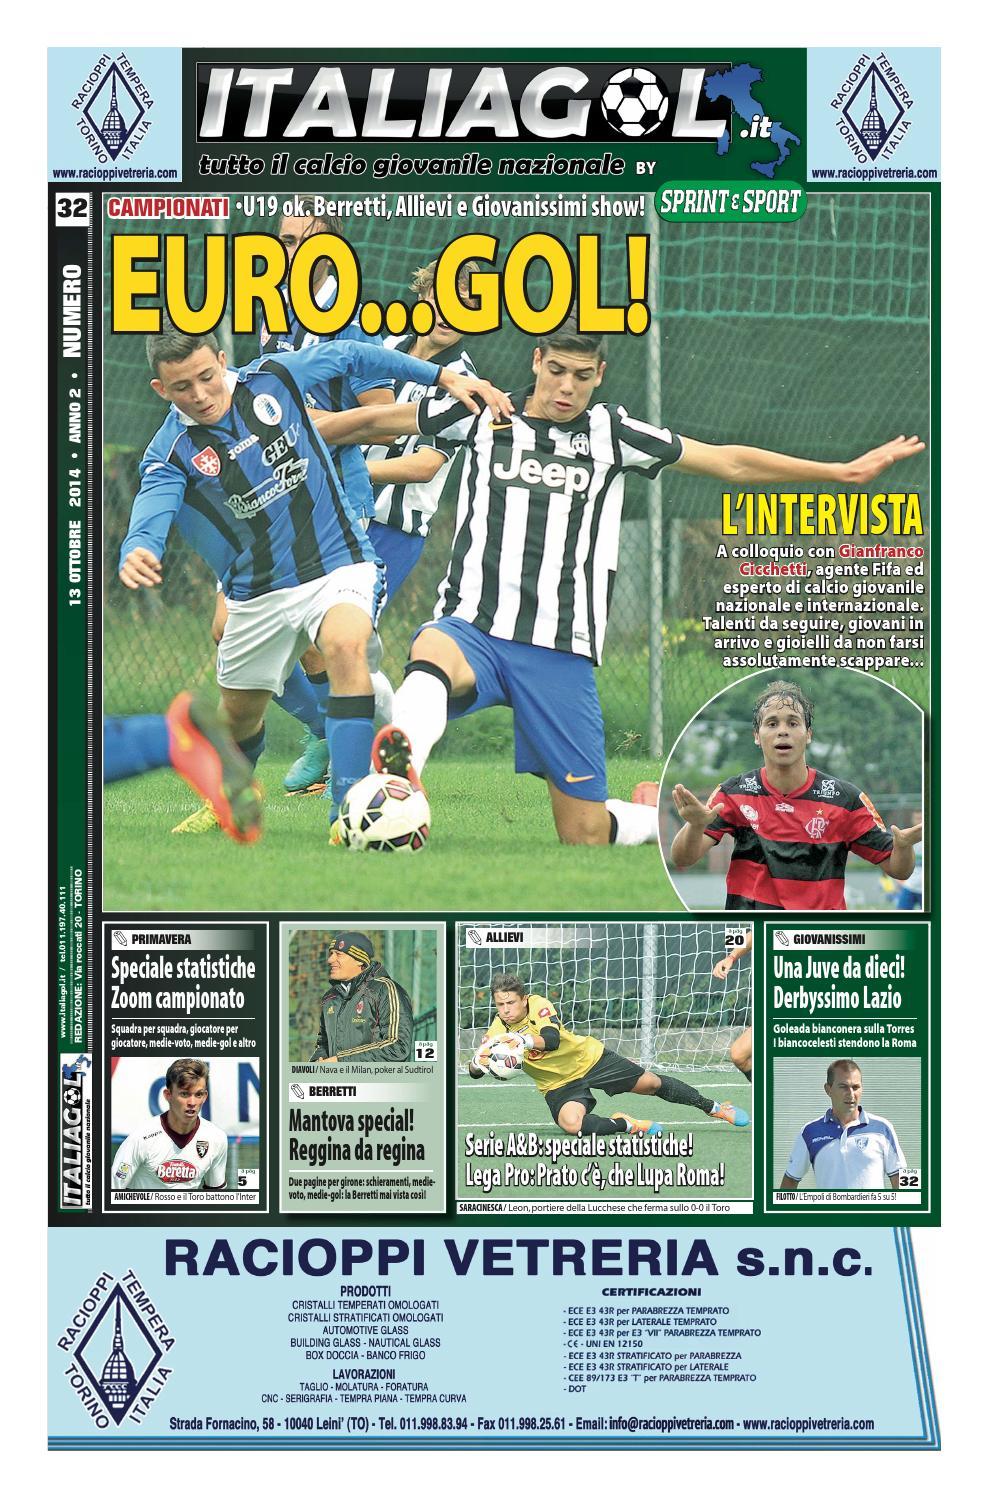 ITALIAGOL NR. 32 - 13 ottobre 2014 by InfoPress - issuu fe87565c46a3